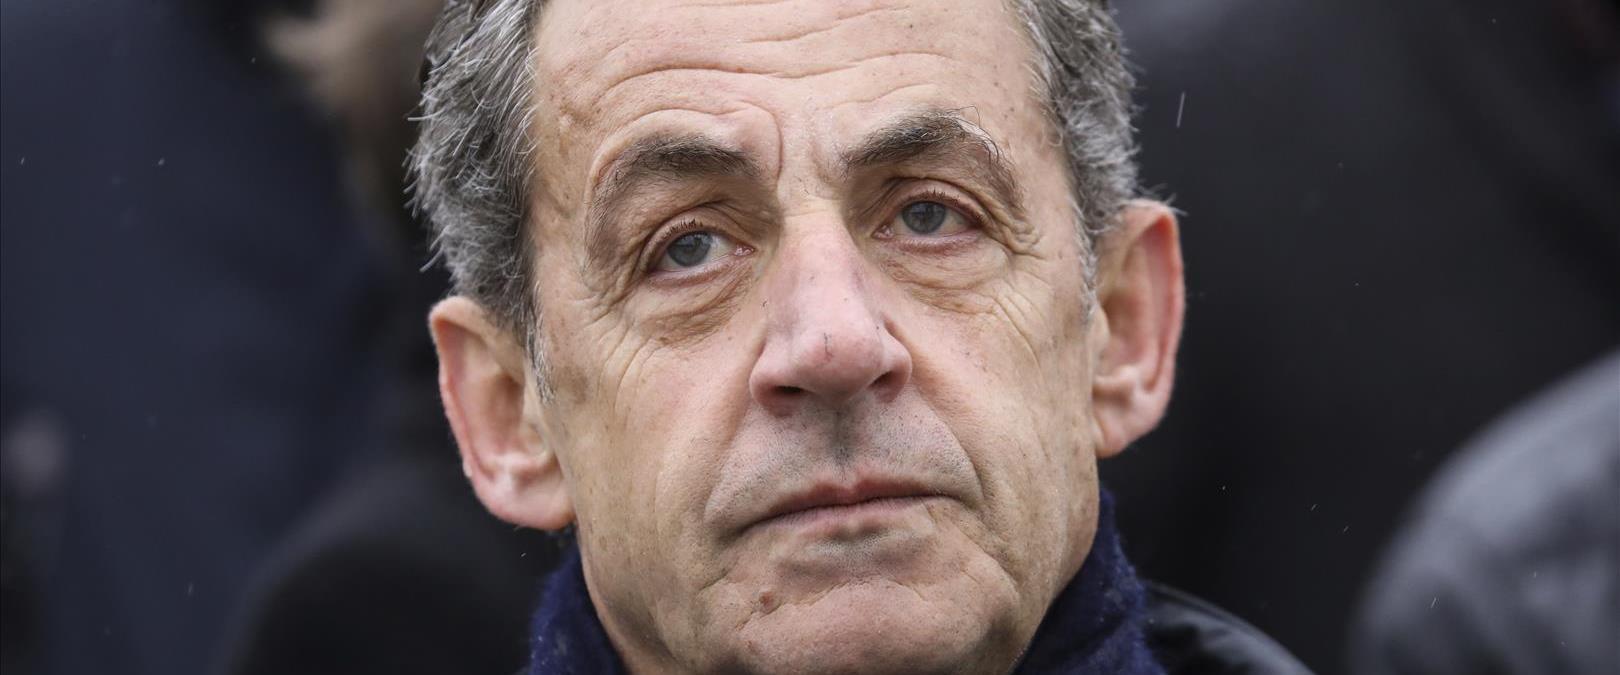 נשיא צרפת לשעבר סרקוזי